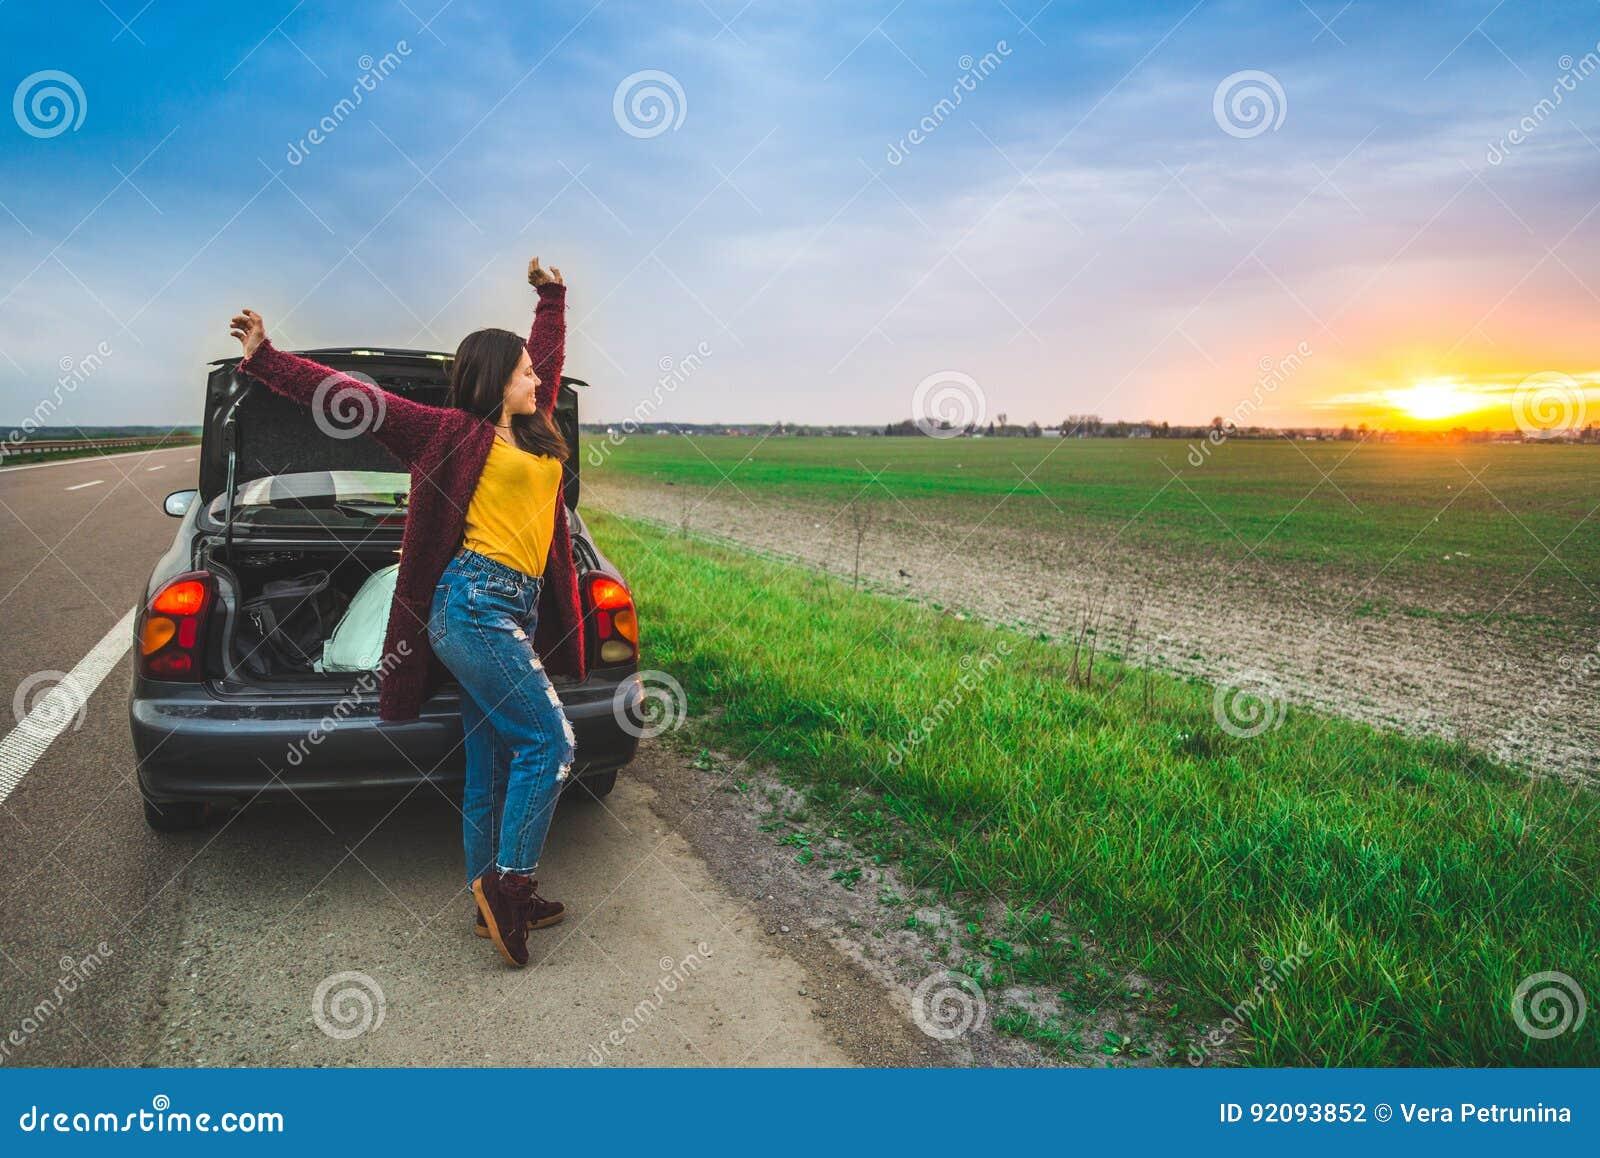 Femme stratching près du long voyage de voiture de voiture